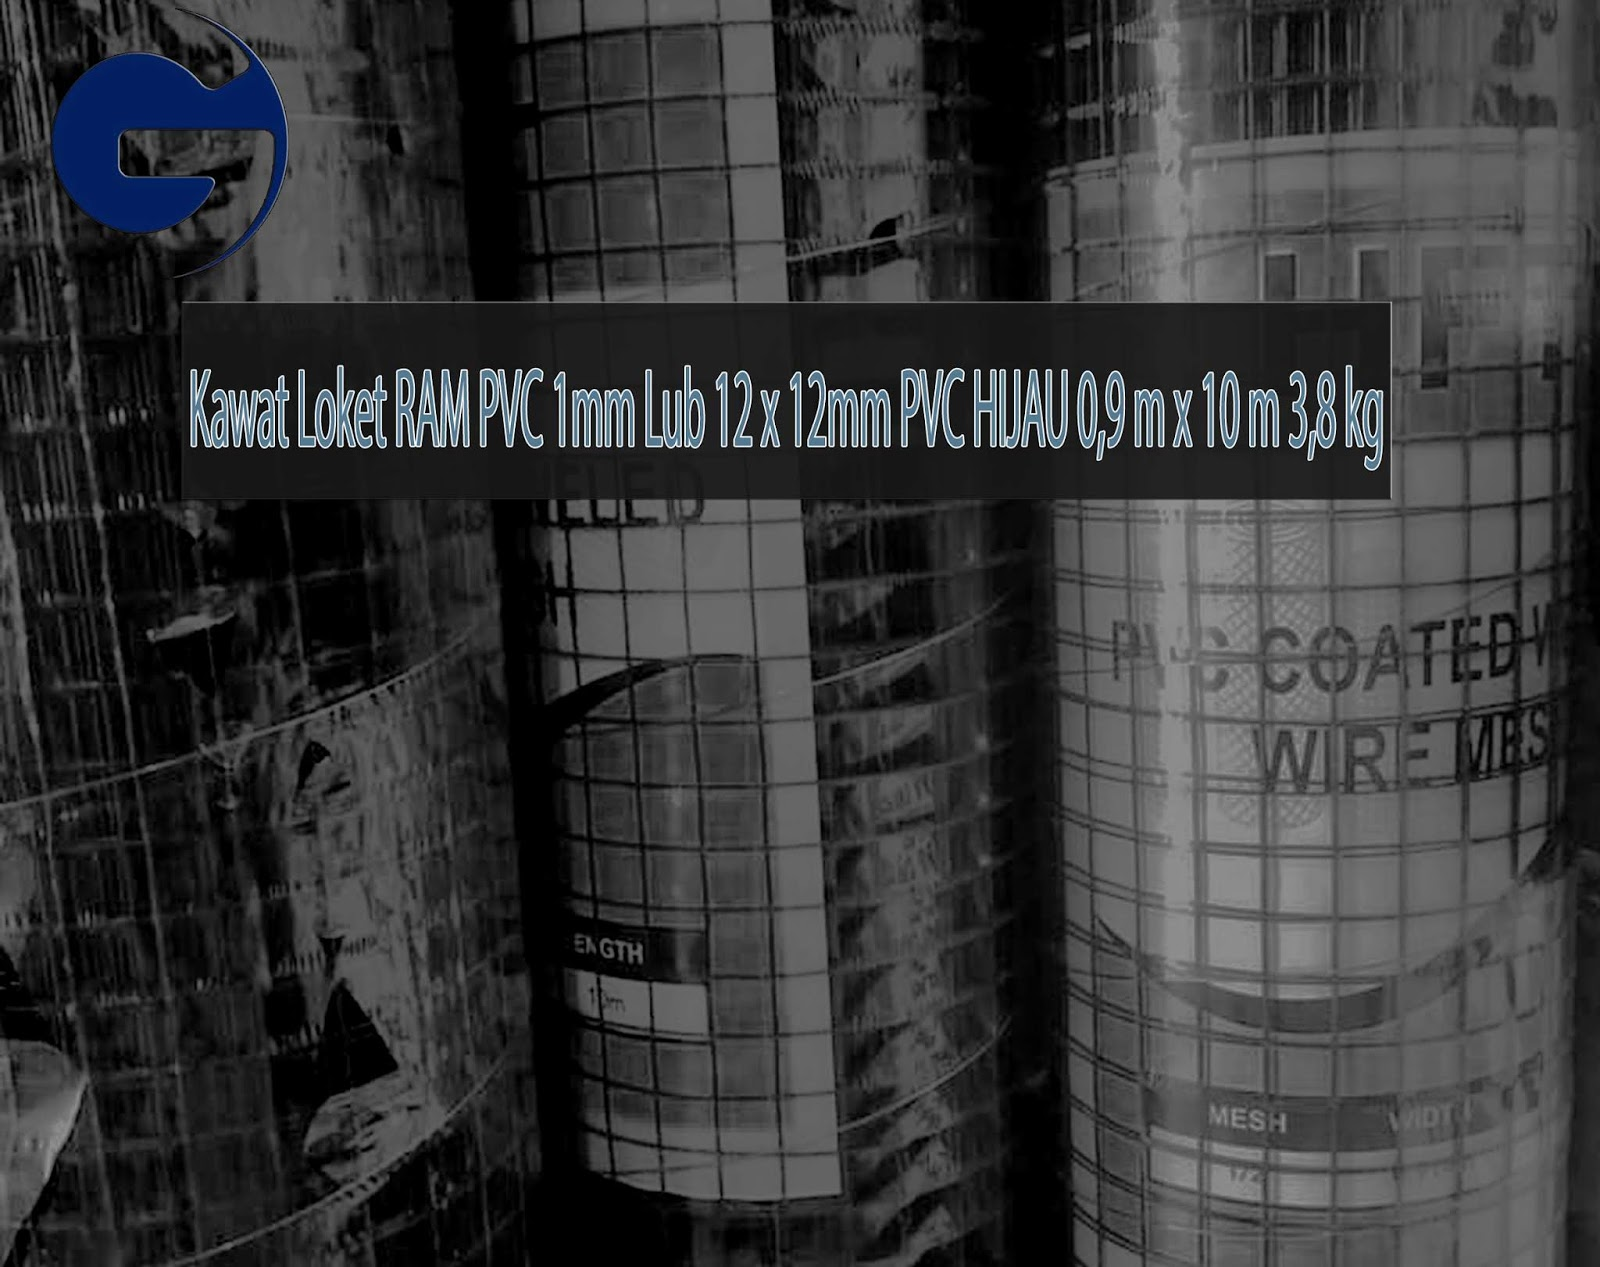 Jual Kawat Loket Ram PVC 1mm Lub 12 x 12mm PVC HIJAU 0,9m x 10m 3,8kg